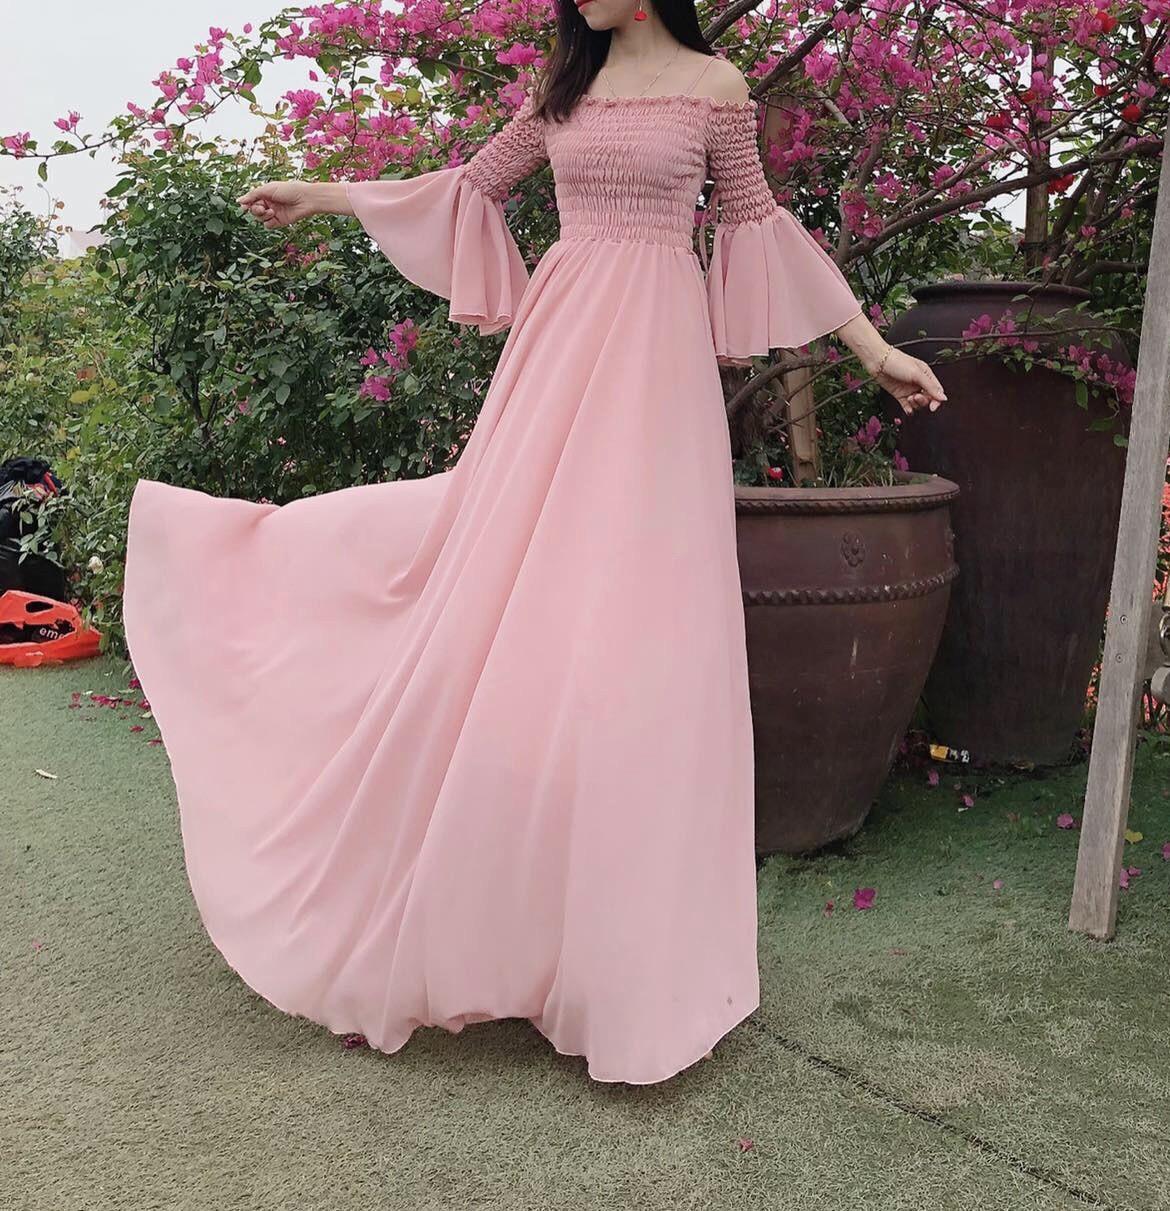 Đầm maxi hồng nhún ngực - maxi.vn